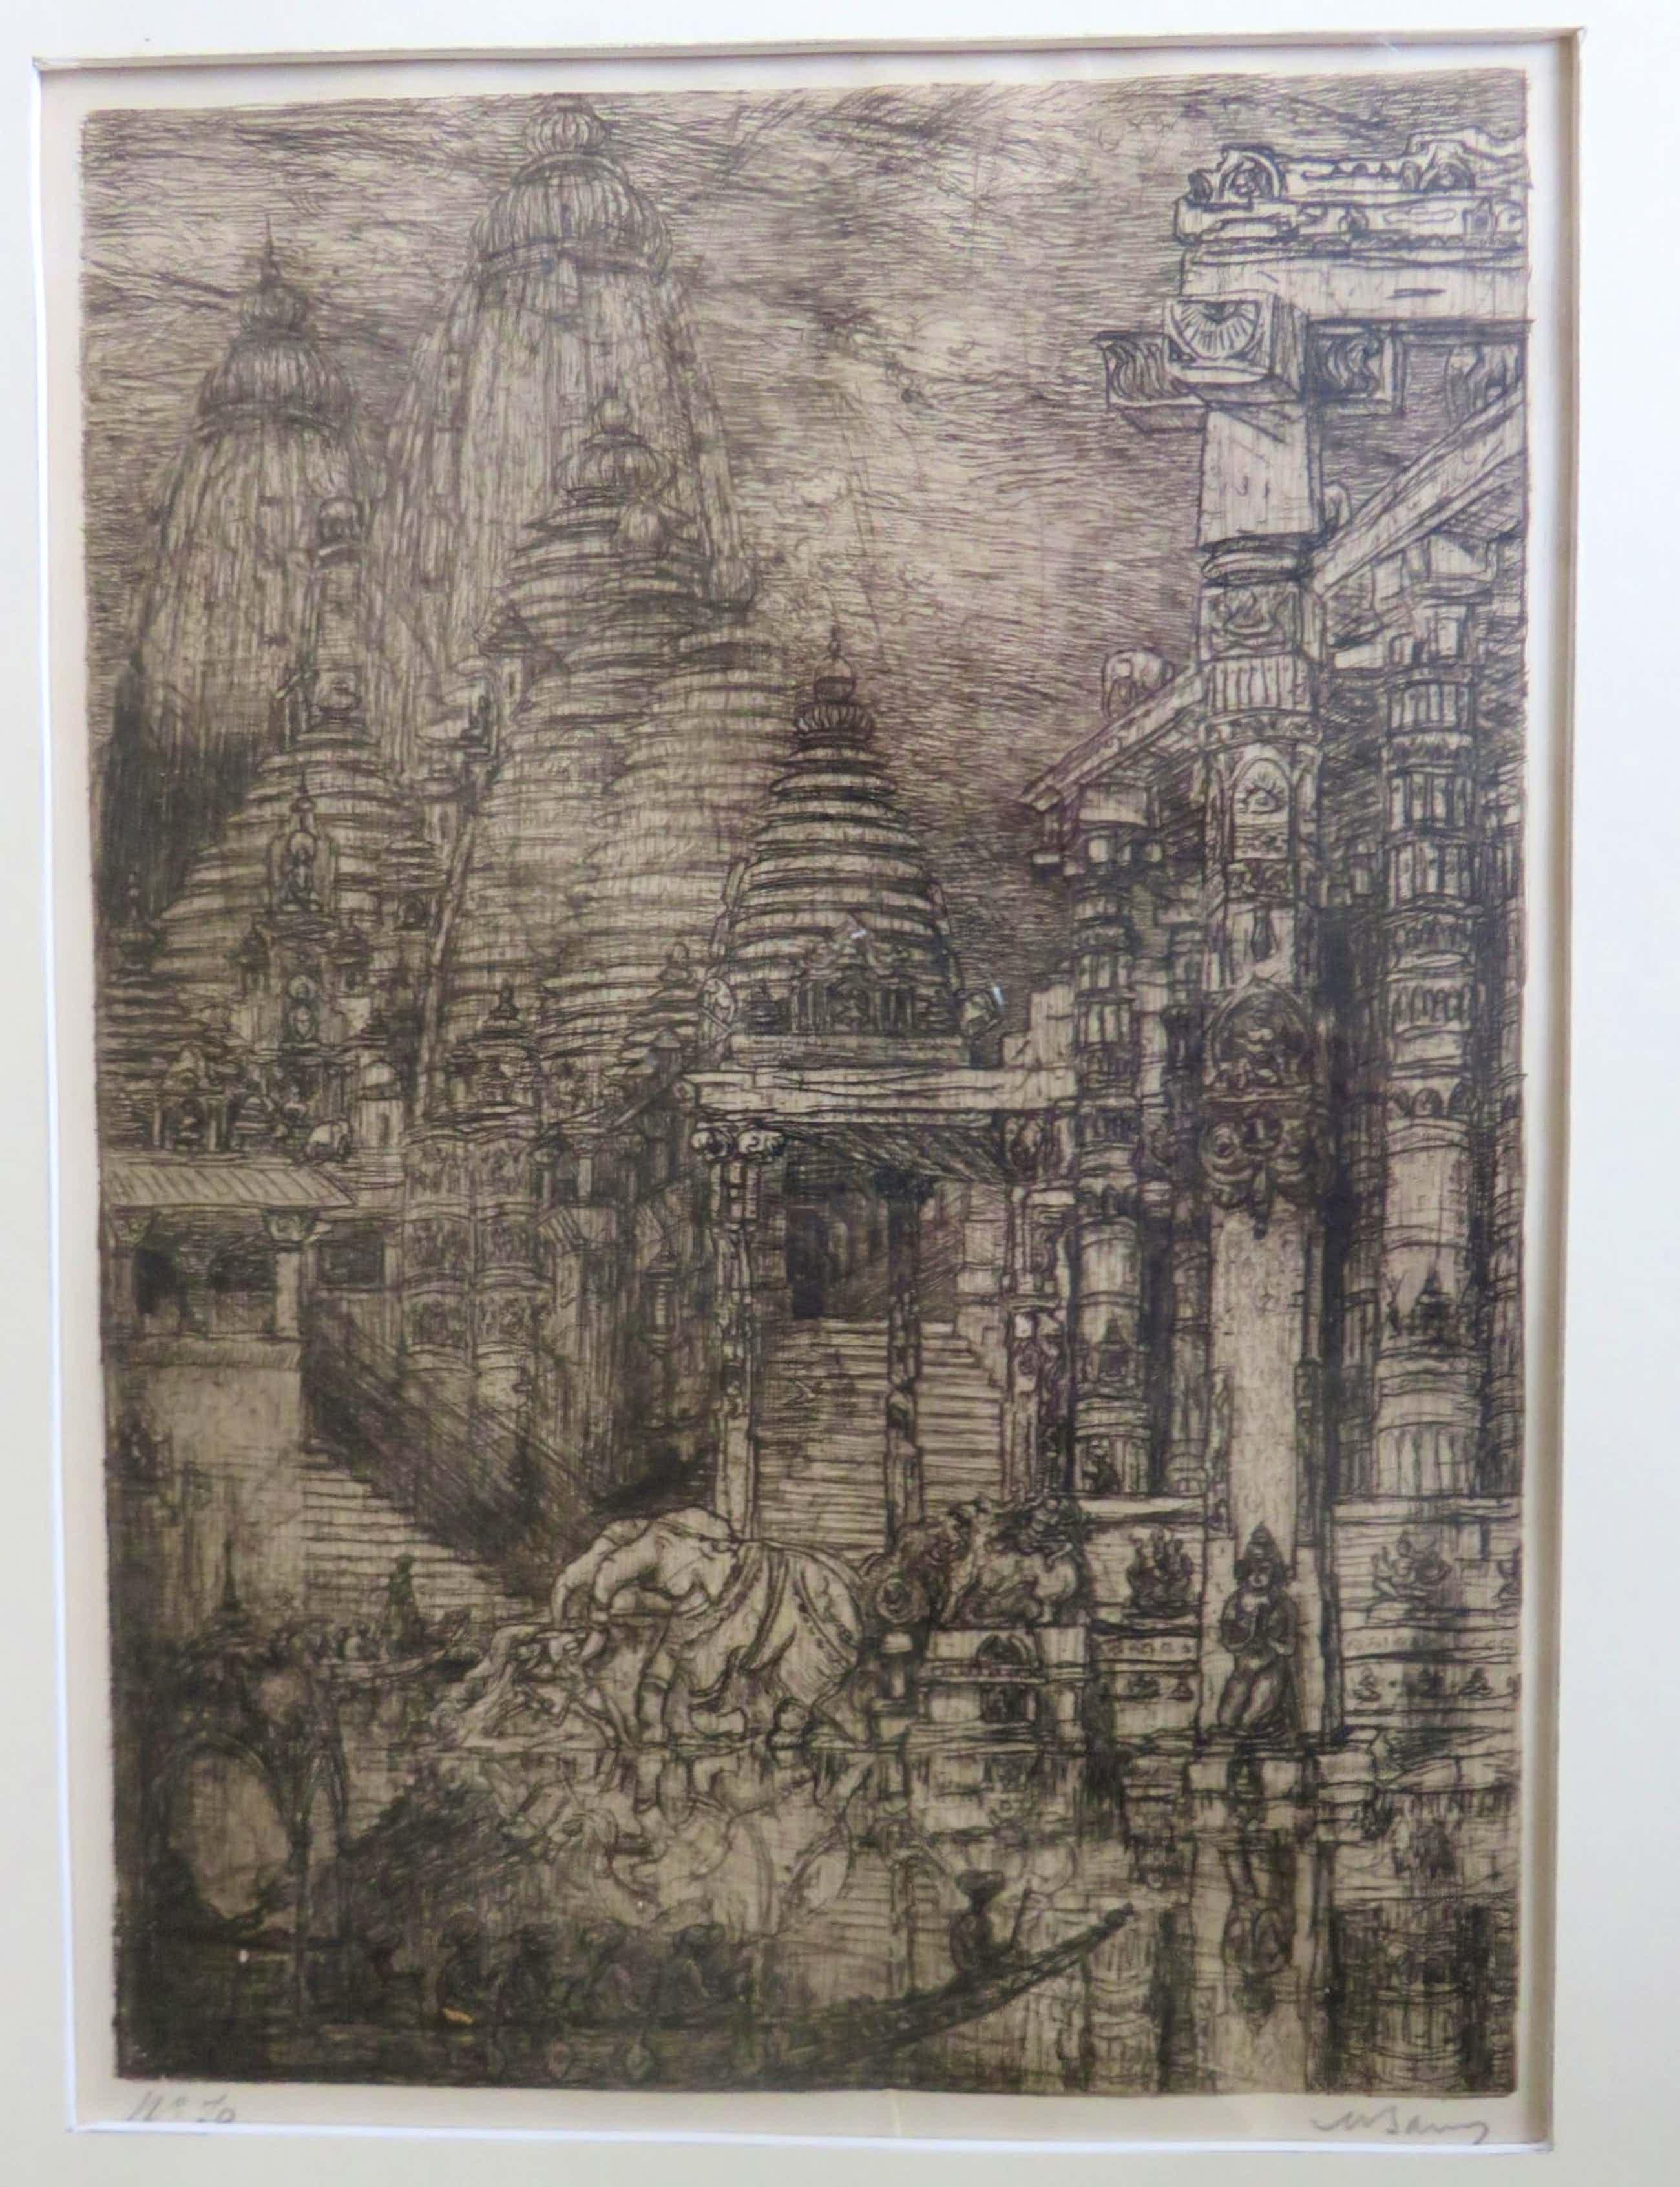 Marius Bauer - Gezicht op de Ganges met figuren,olifanten op de voorgrond en tempels . kopen? Bied vanaf 45!